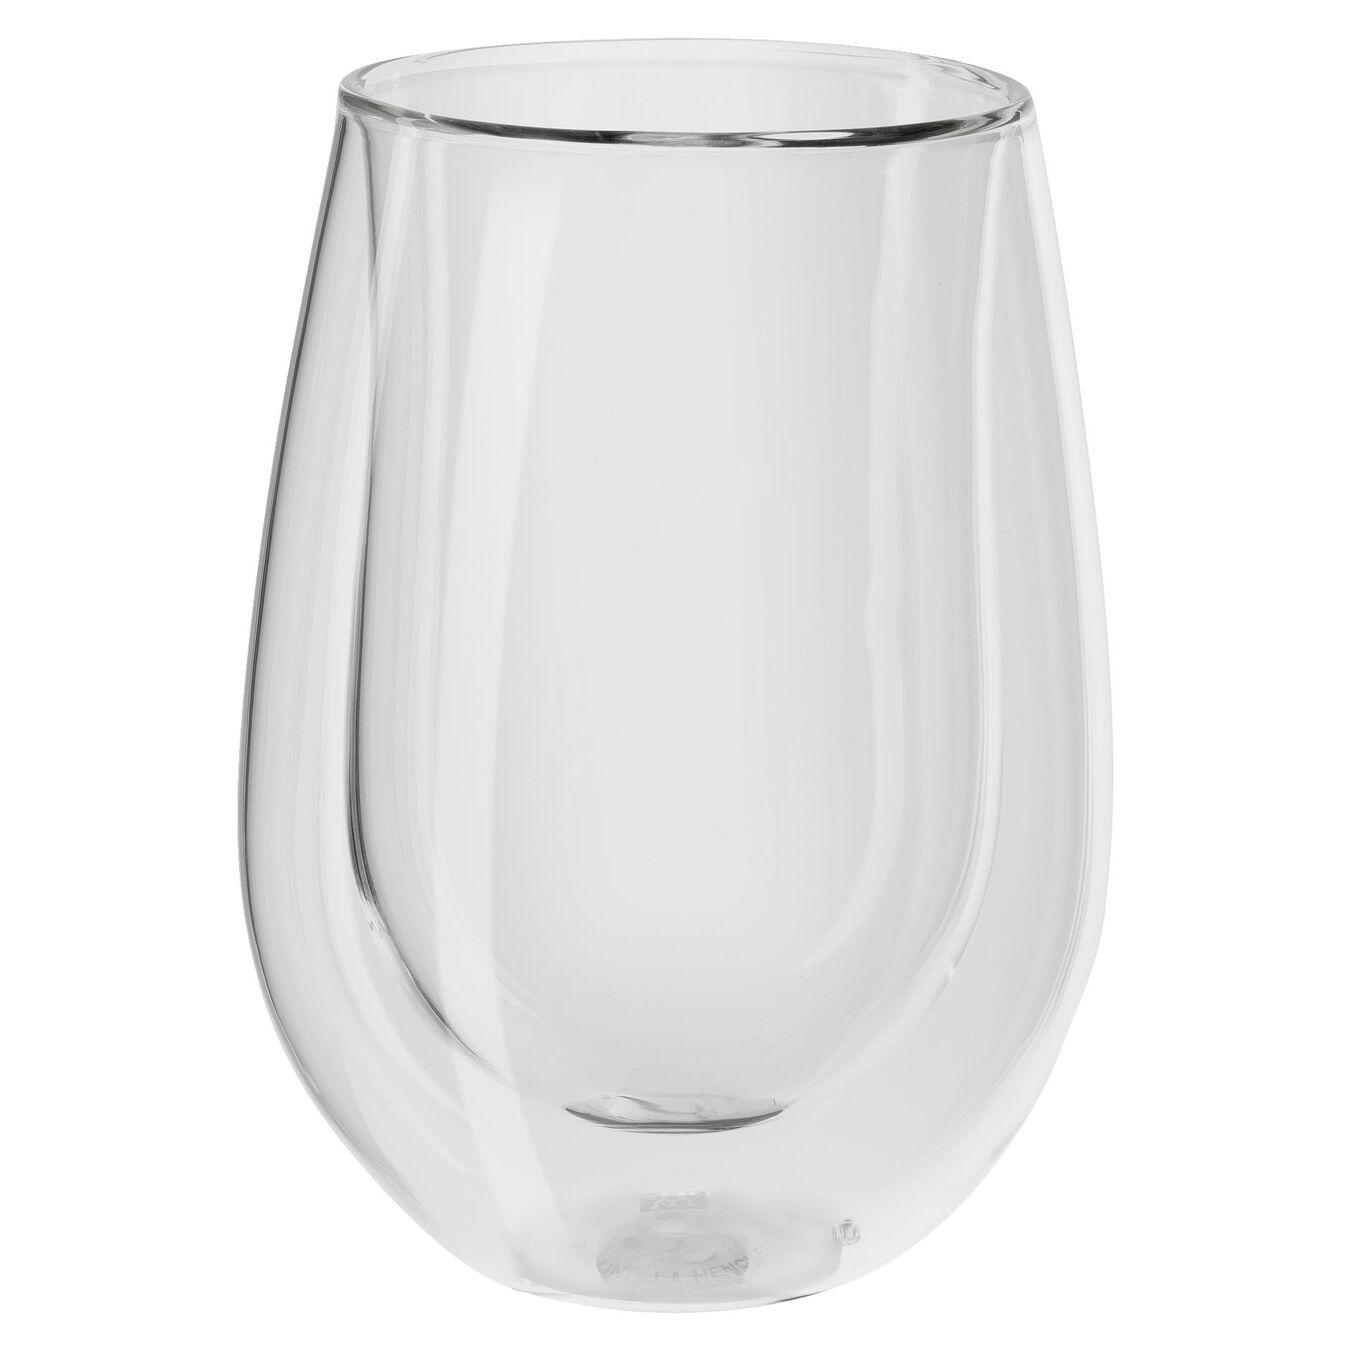 Longdrink Bardağı Seti | 2-parça,,large 1